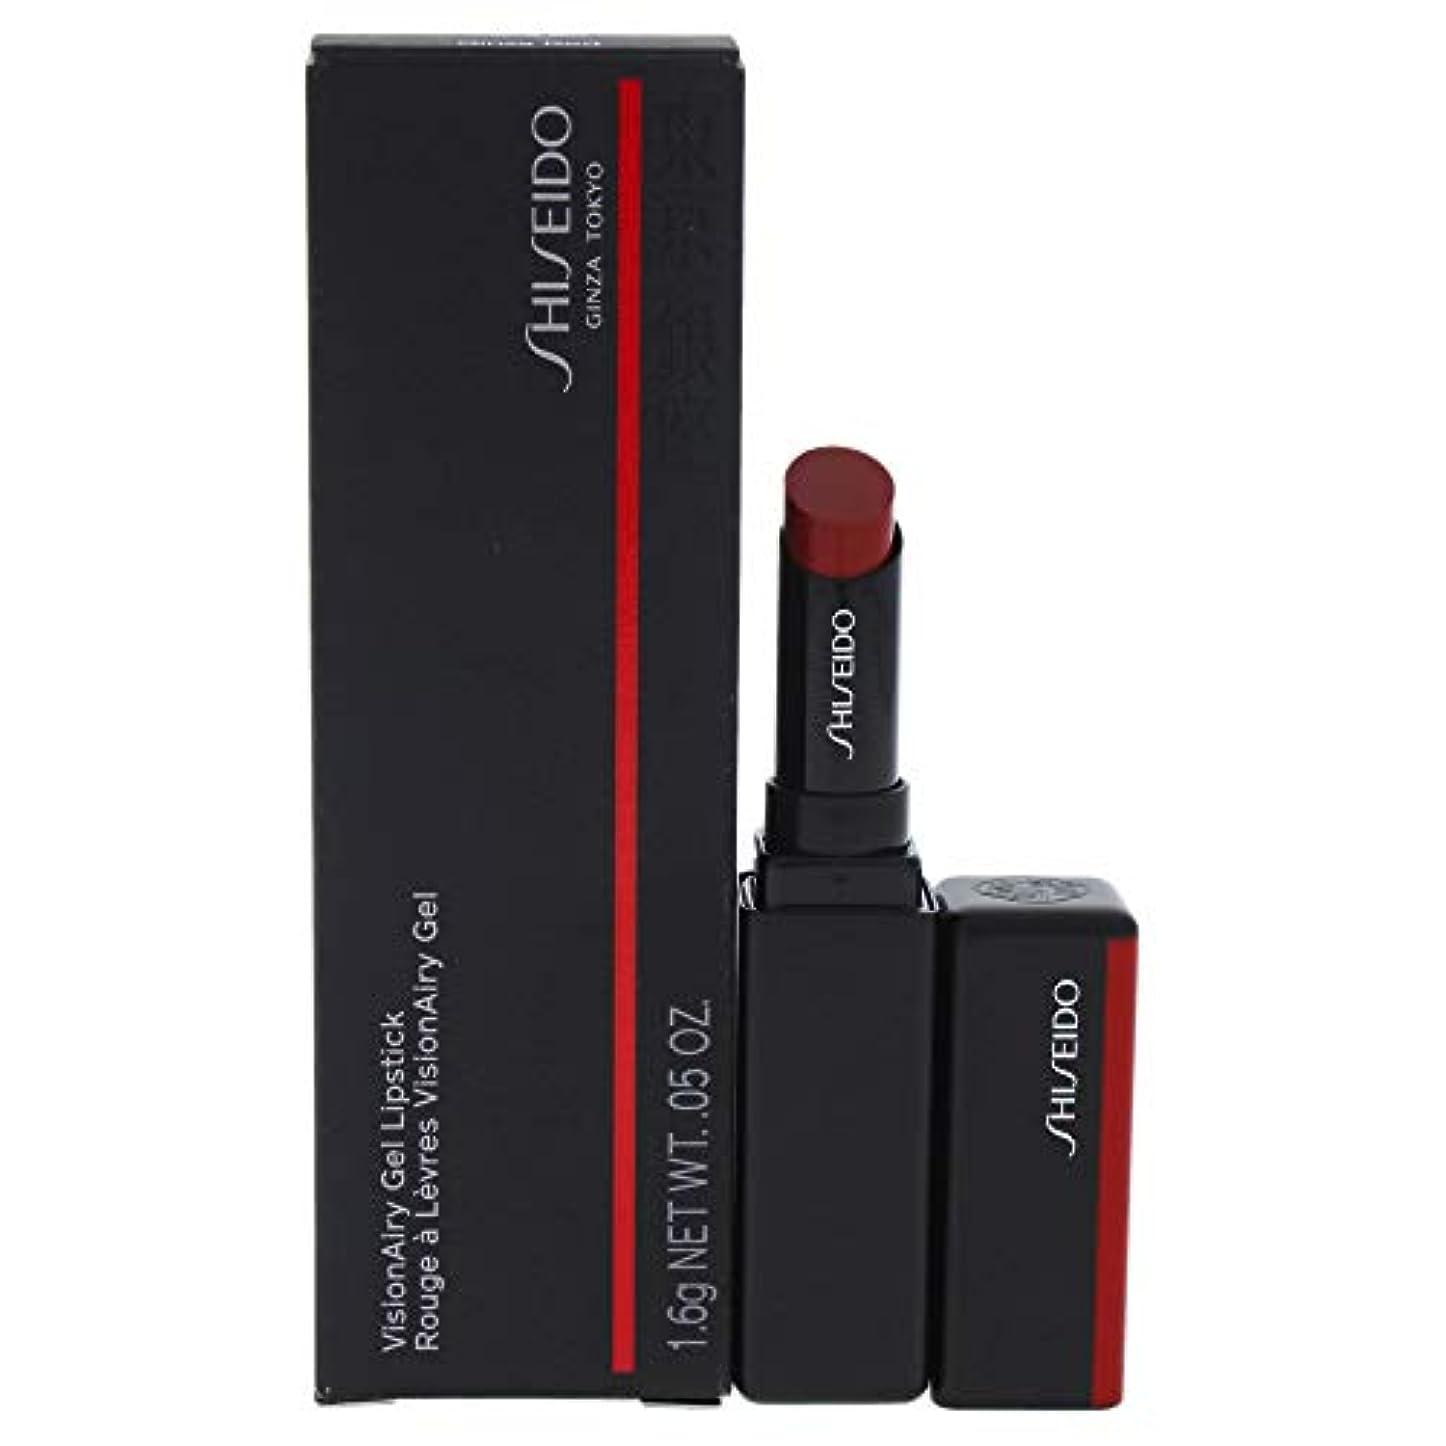 フェロー諸島目立つモチーフ資生堂 VisionAiry Gel Lipstick - # 222 Ginza Red (Lacquer Red) VisionAiry Gel並行輸入品